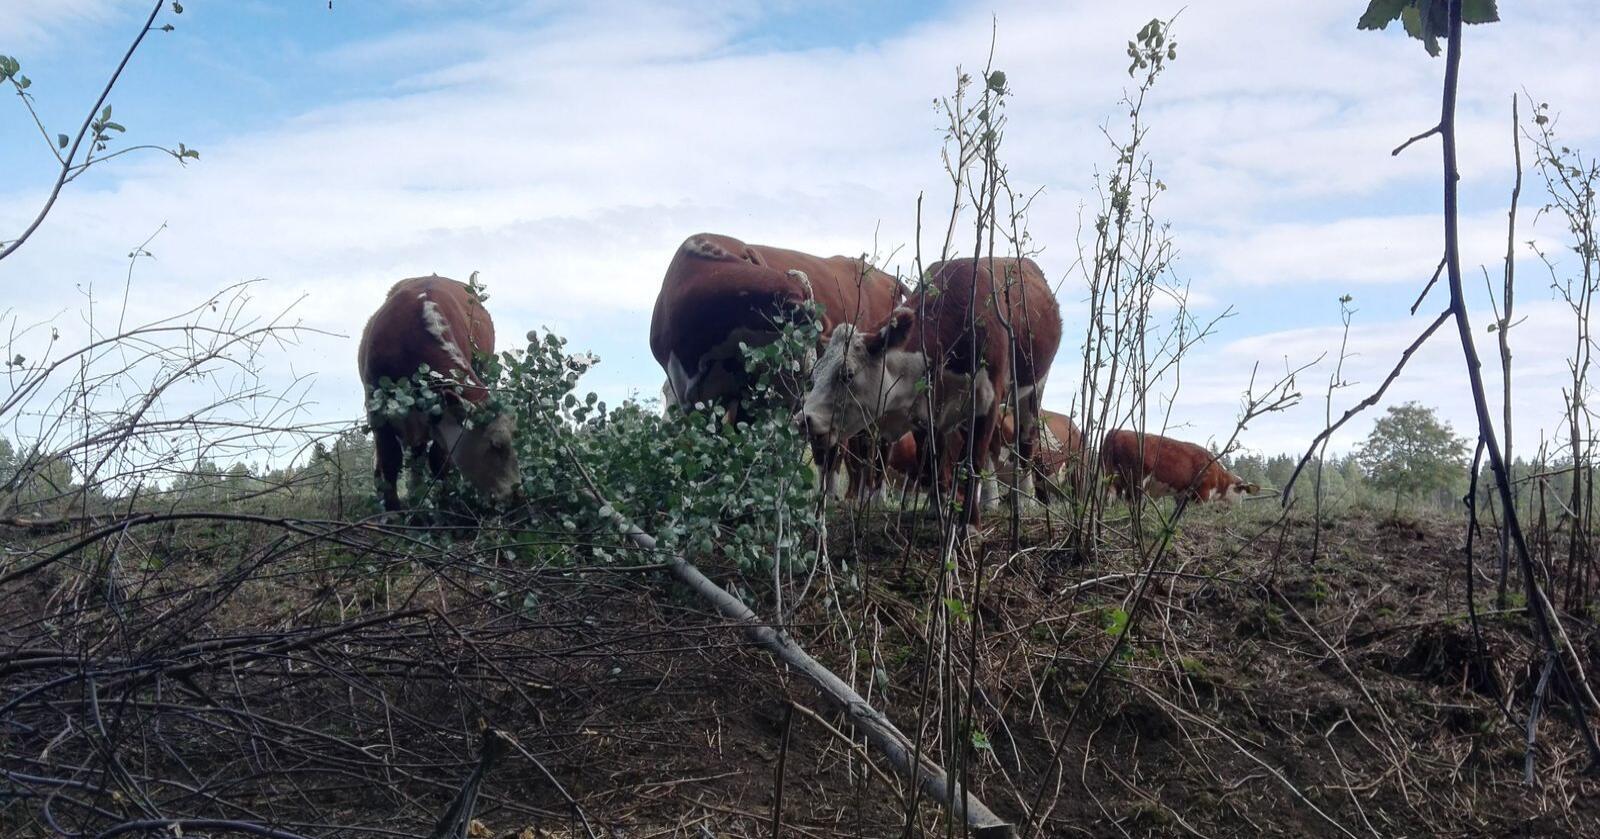 Alternative fôrkilder: Her spiser kyr løv fra et nedhogd tre på et ellers brunsvidd beite tørkesommeren 2018. Bildet er fra familiegården til skribenten. Foto: Synnøve Støverud Beitnes